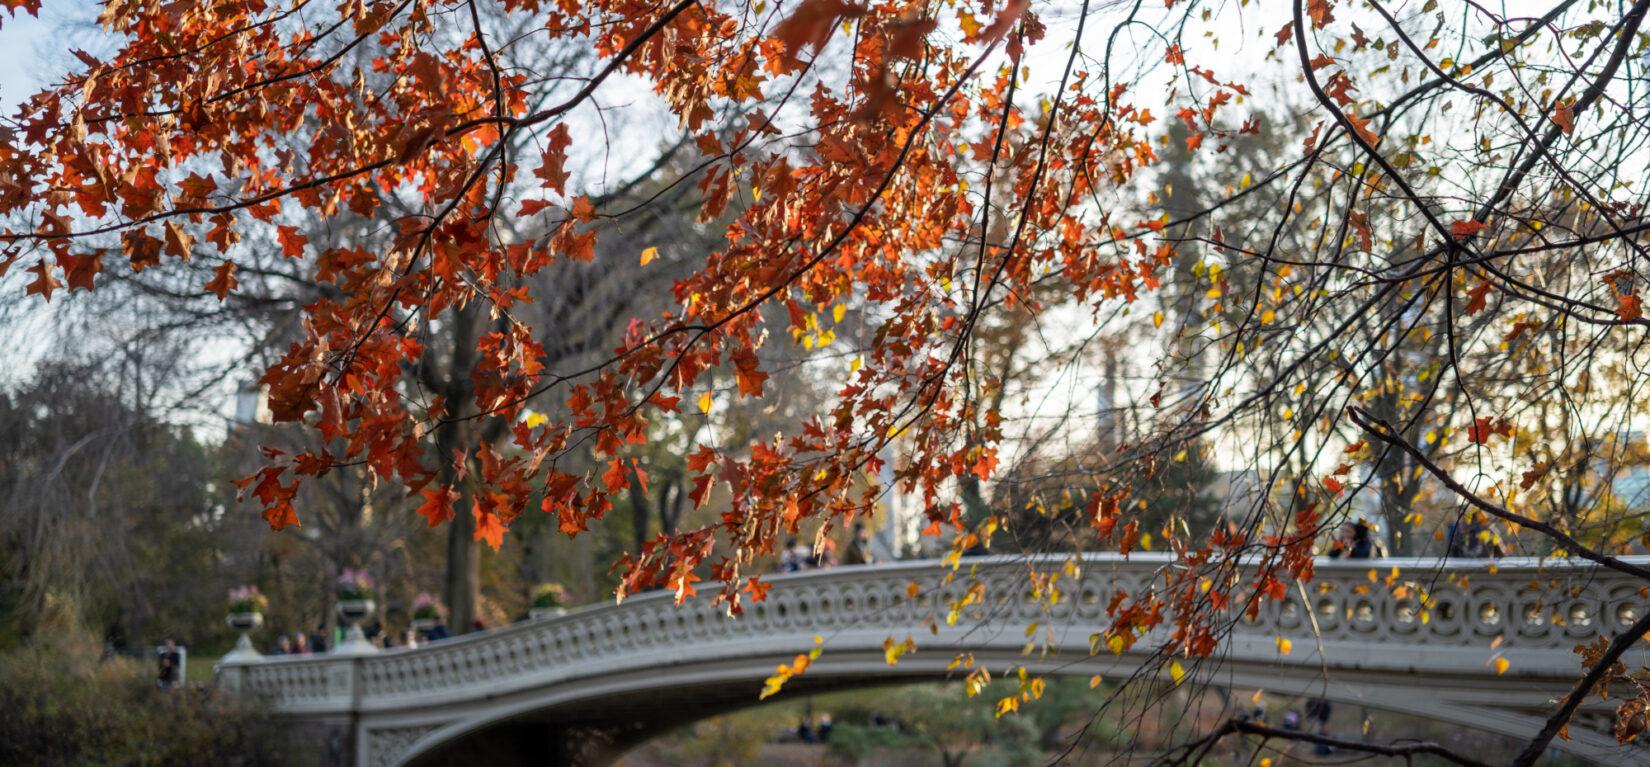 Bow Bridge Fall 20191114 04541